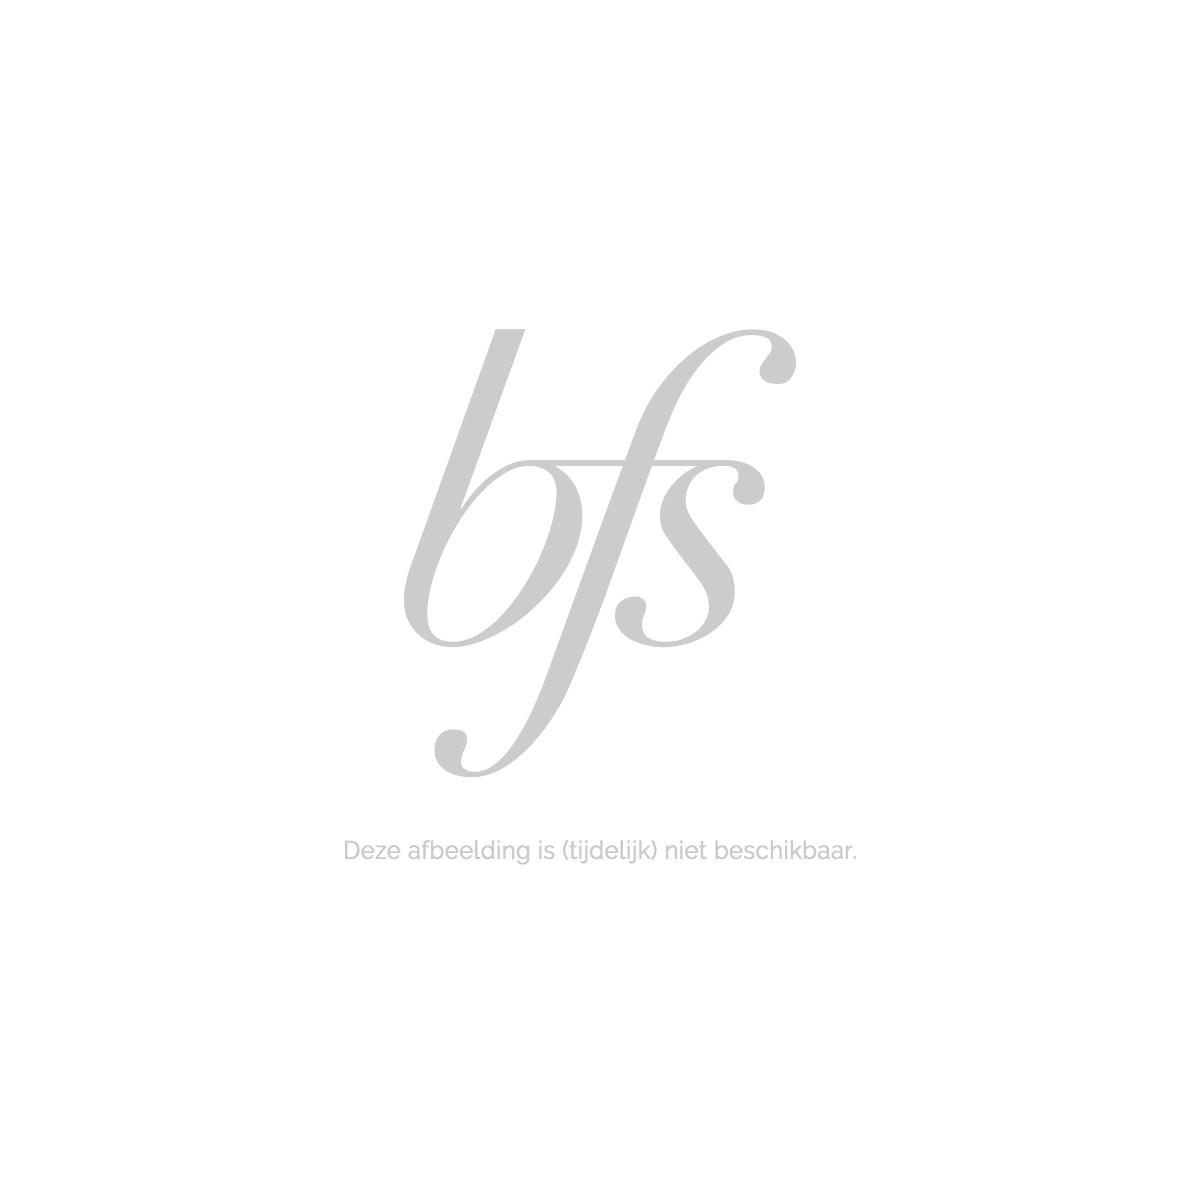 Dr. Eckstein Beautipharm Body Moisturizer SPF 15